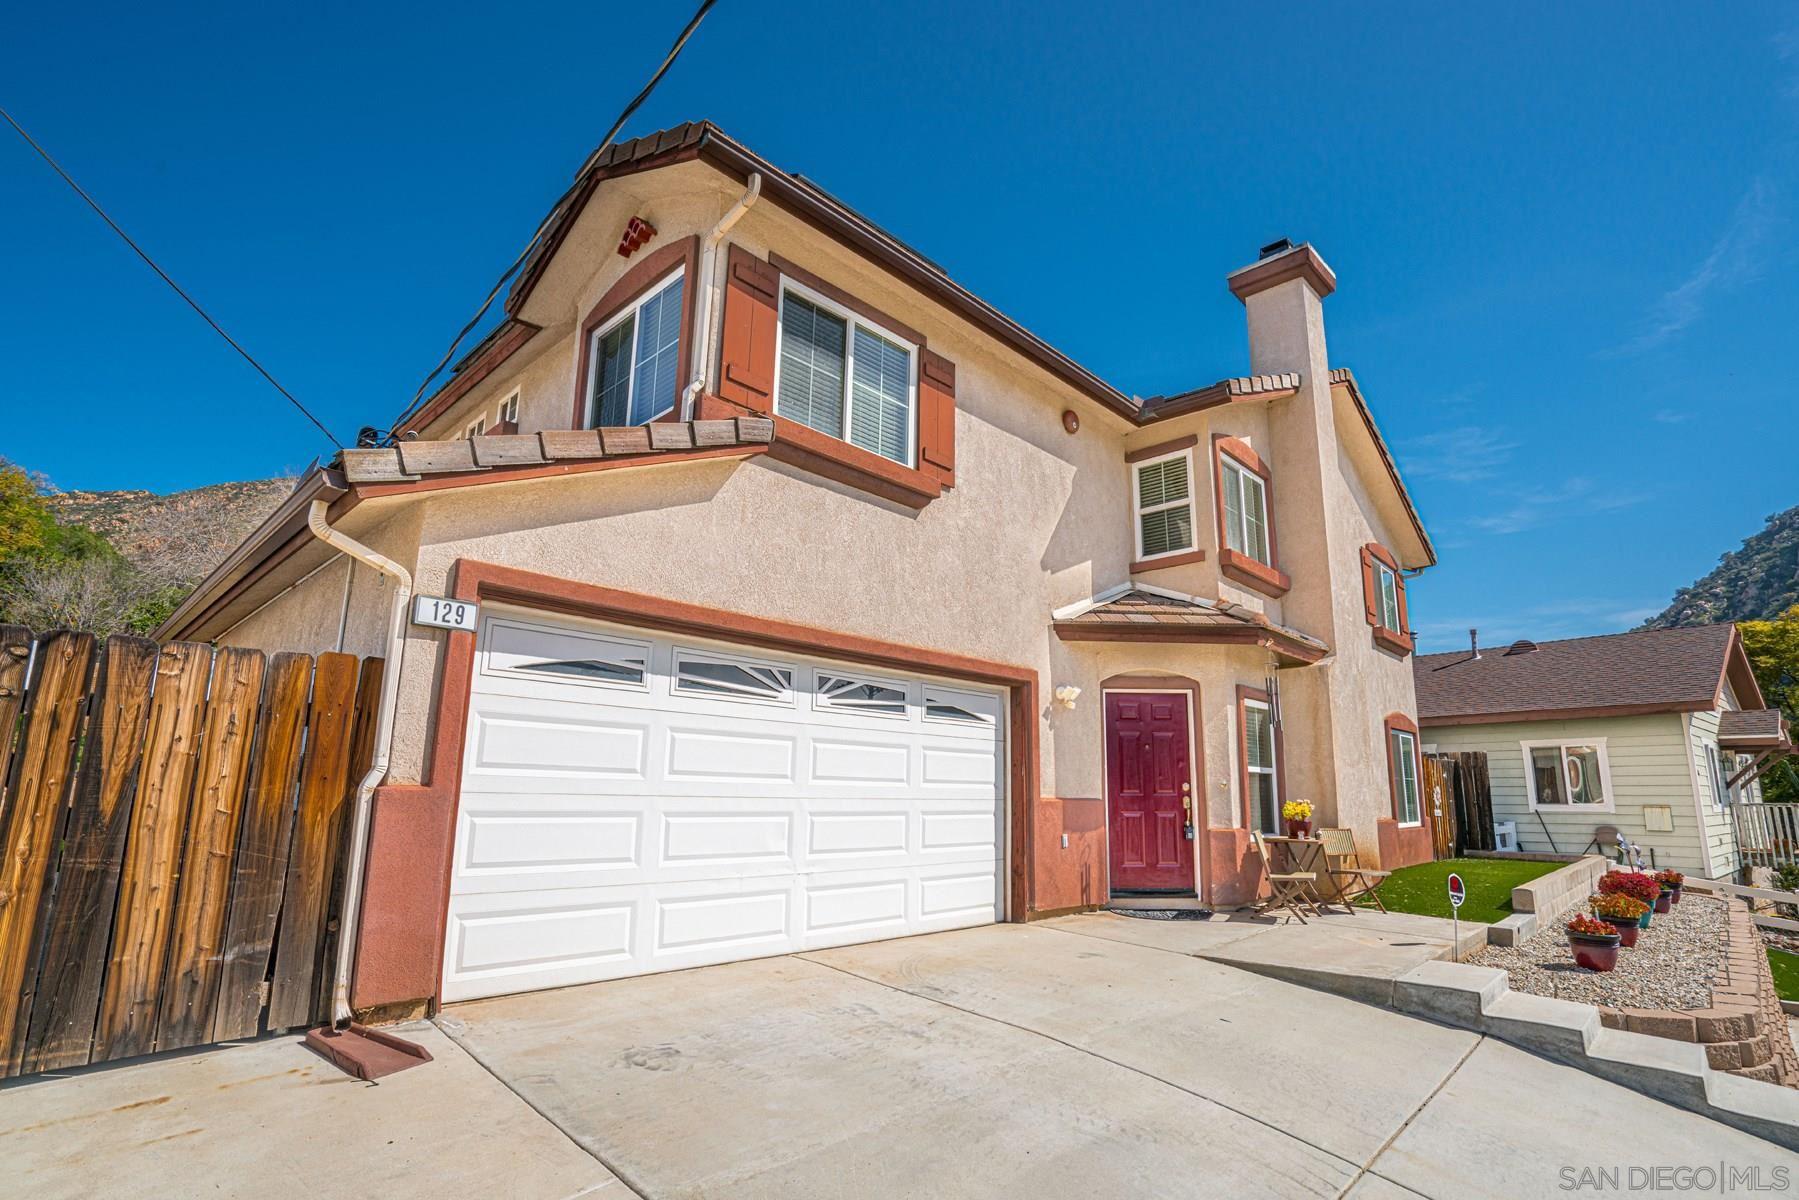 Photo of 129 W Noakes St, El Cajon, CA 92019 (MLS # 210009080)